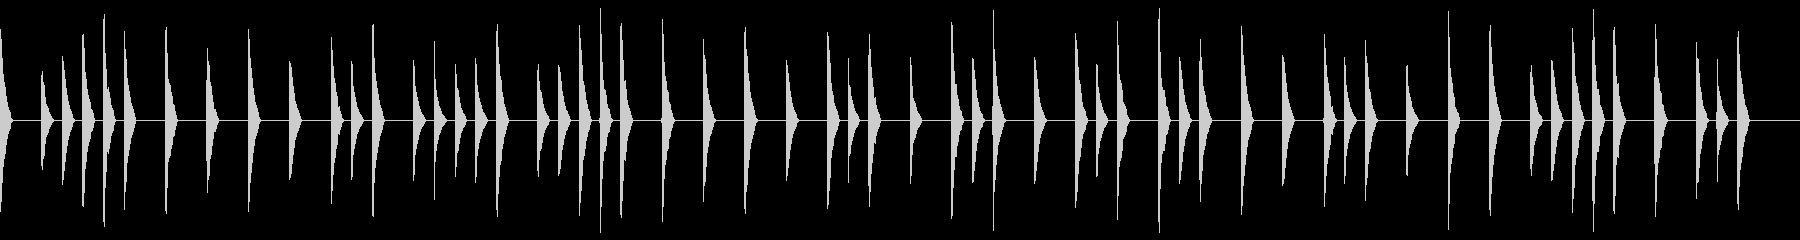 ファミコン風のホラージングルの未再生の波形